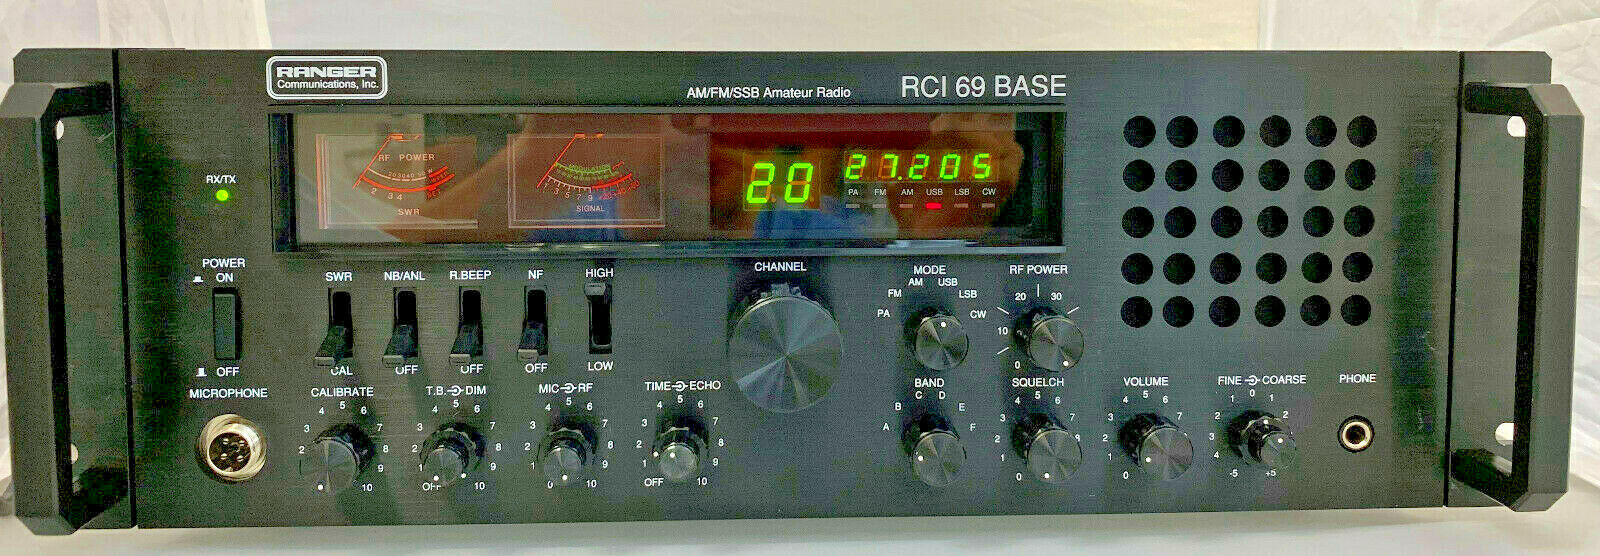 Ranger RCI-69 Base AM/FM/SSB/CW Station 10 Meter Amateur Radio AM/FM/SSB/CW . Buy it now for 649.00